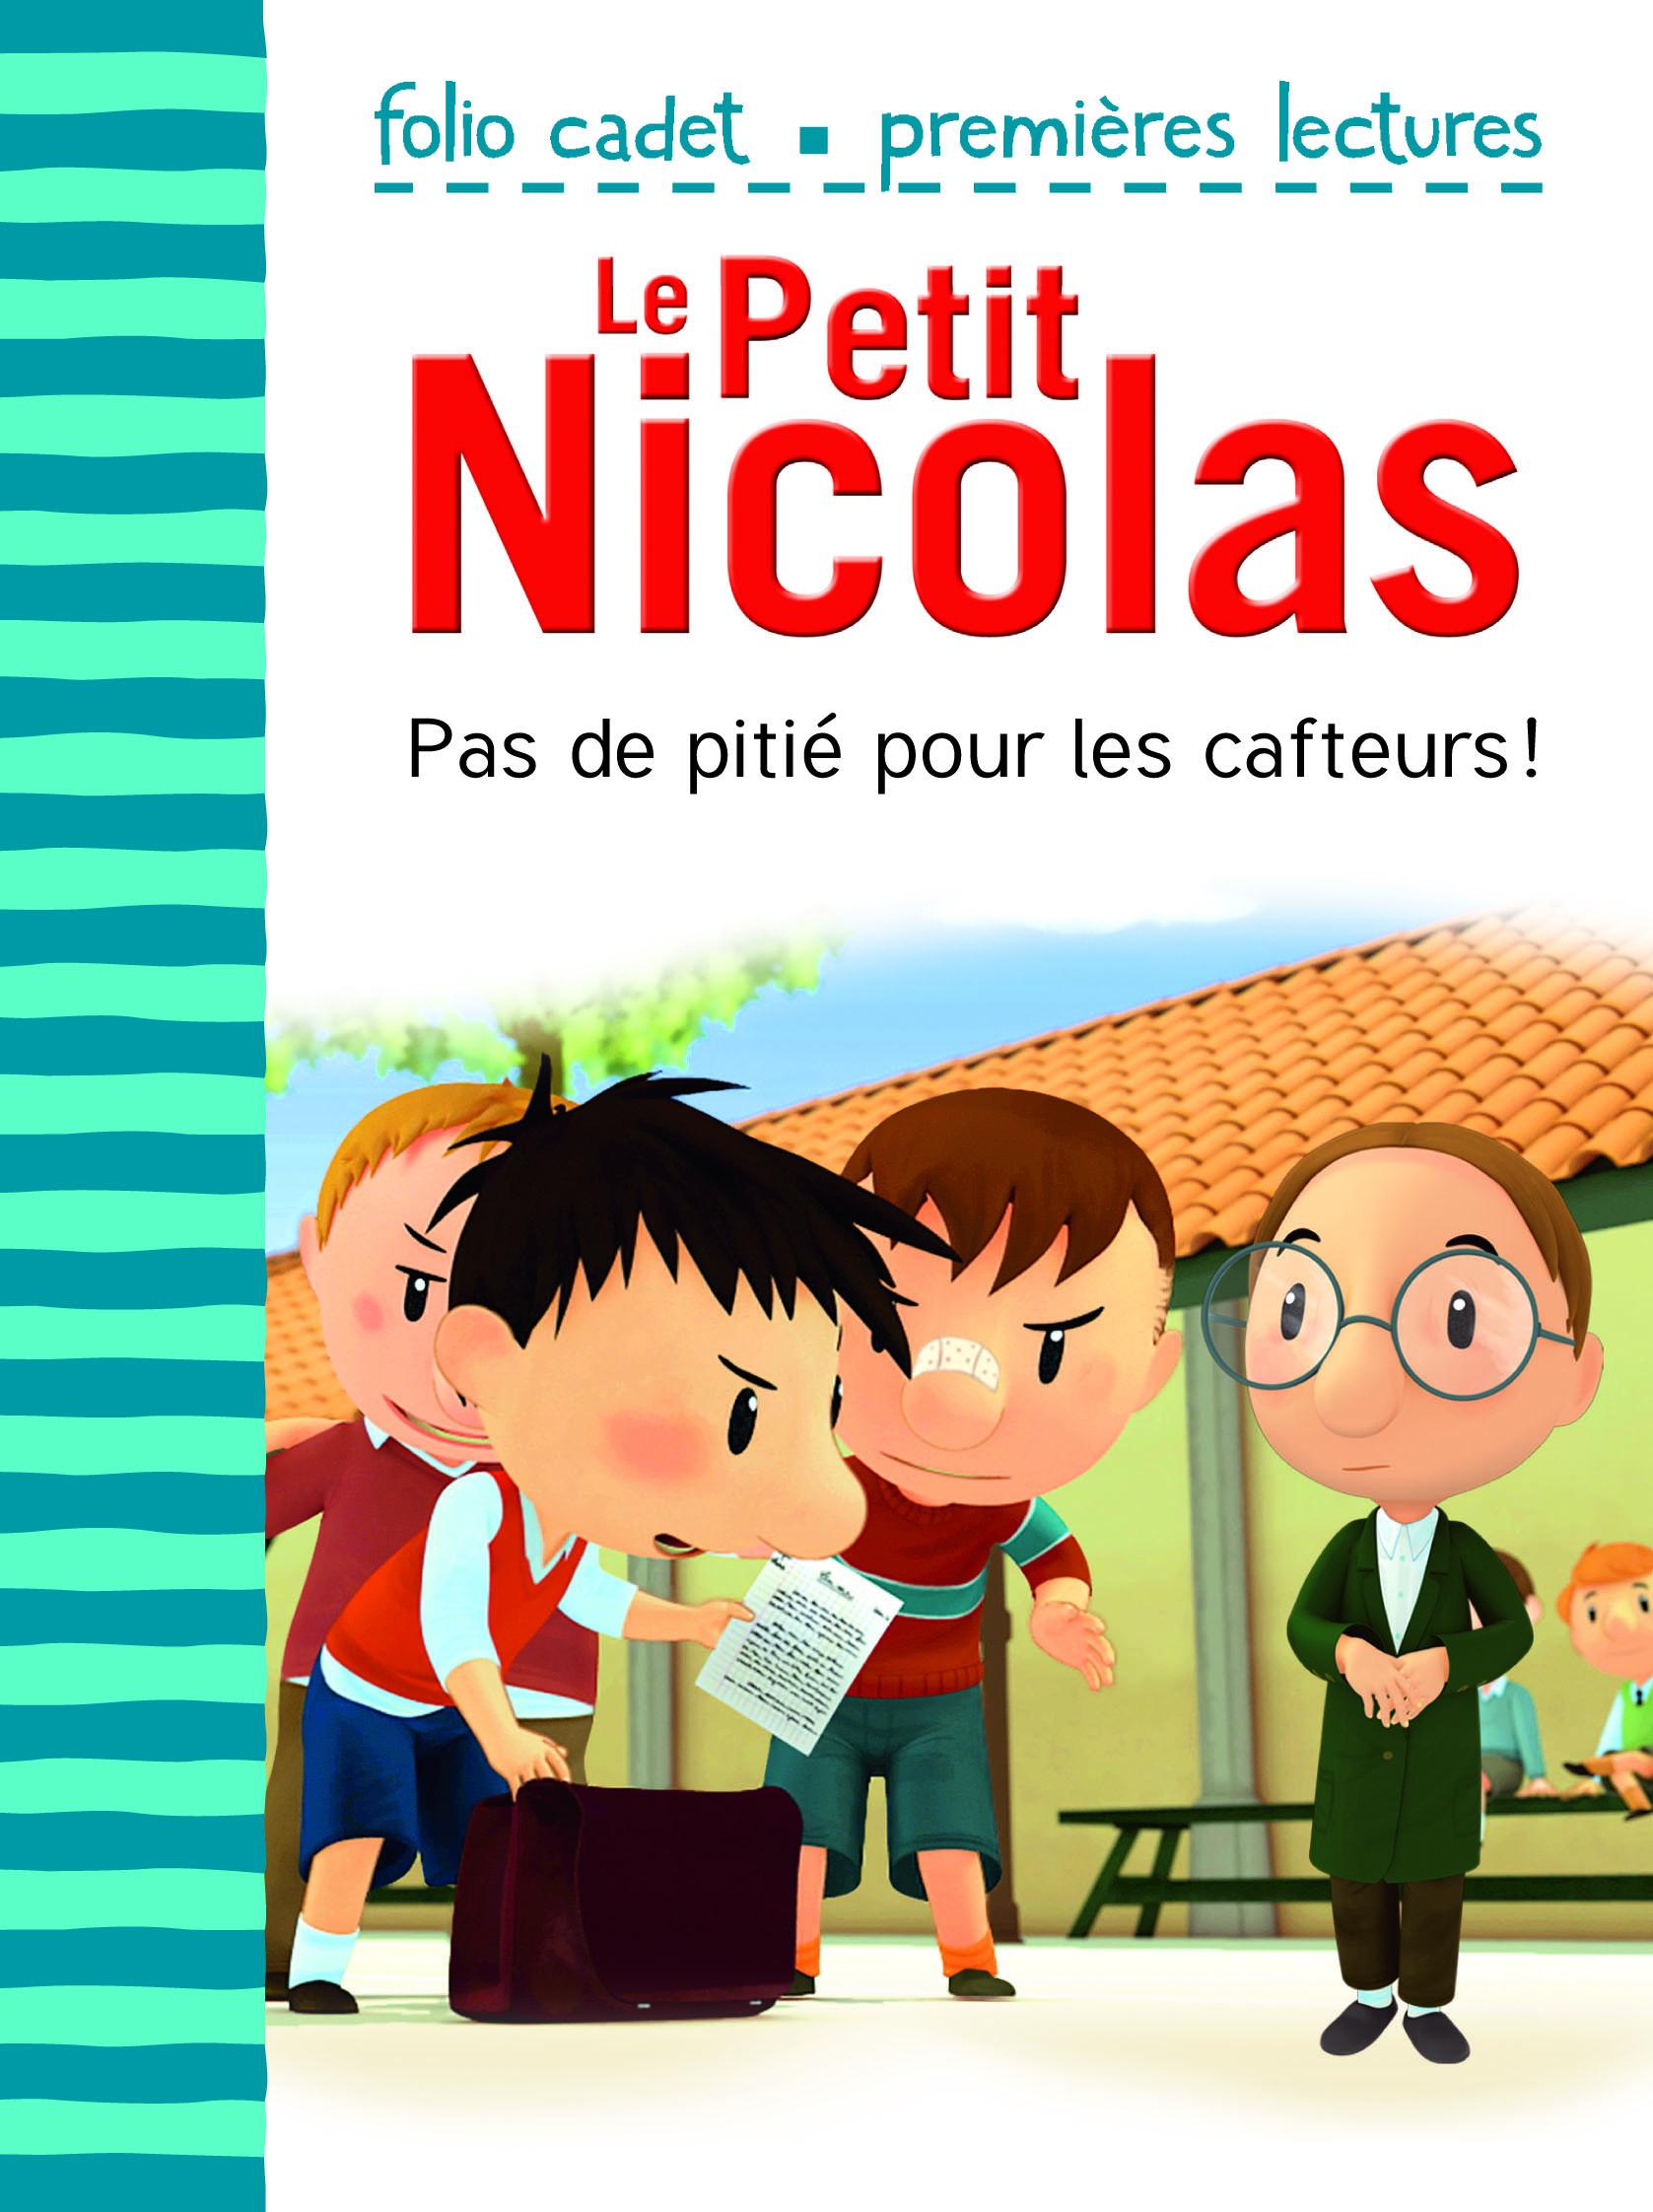 PAS DE PITIE POUR LES CAFTEURS !